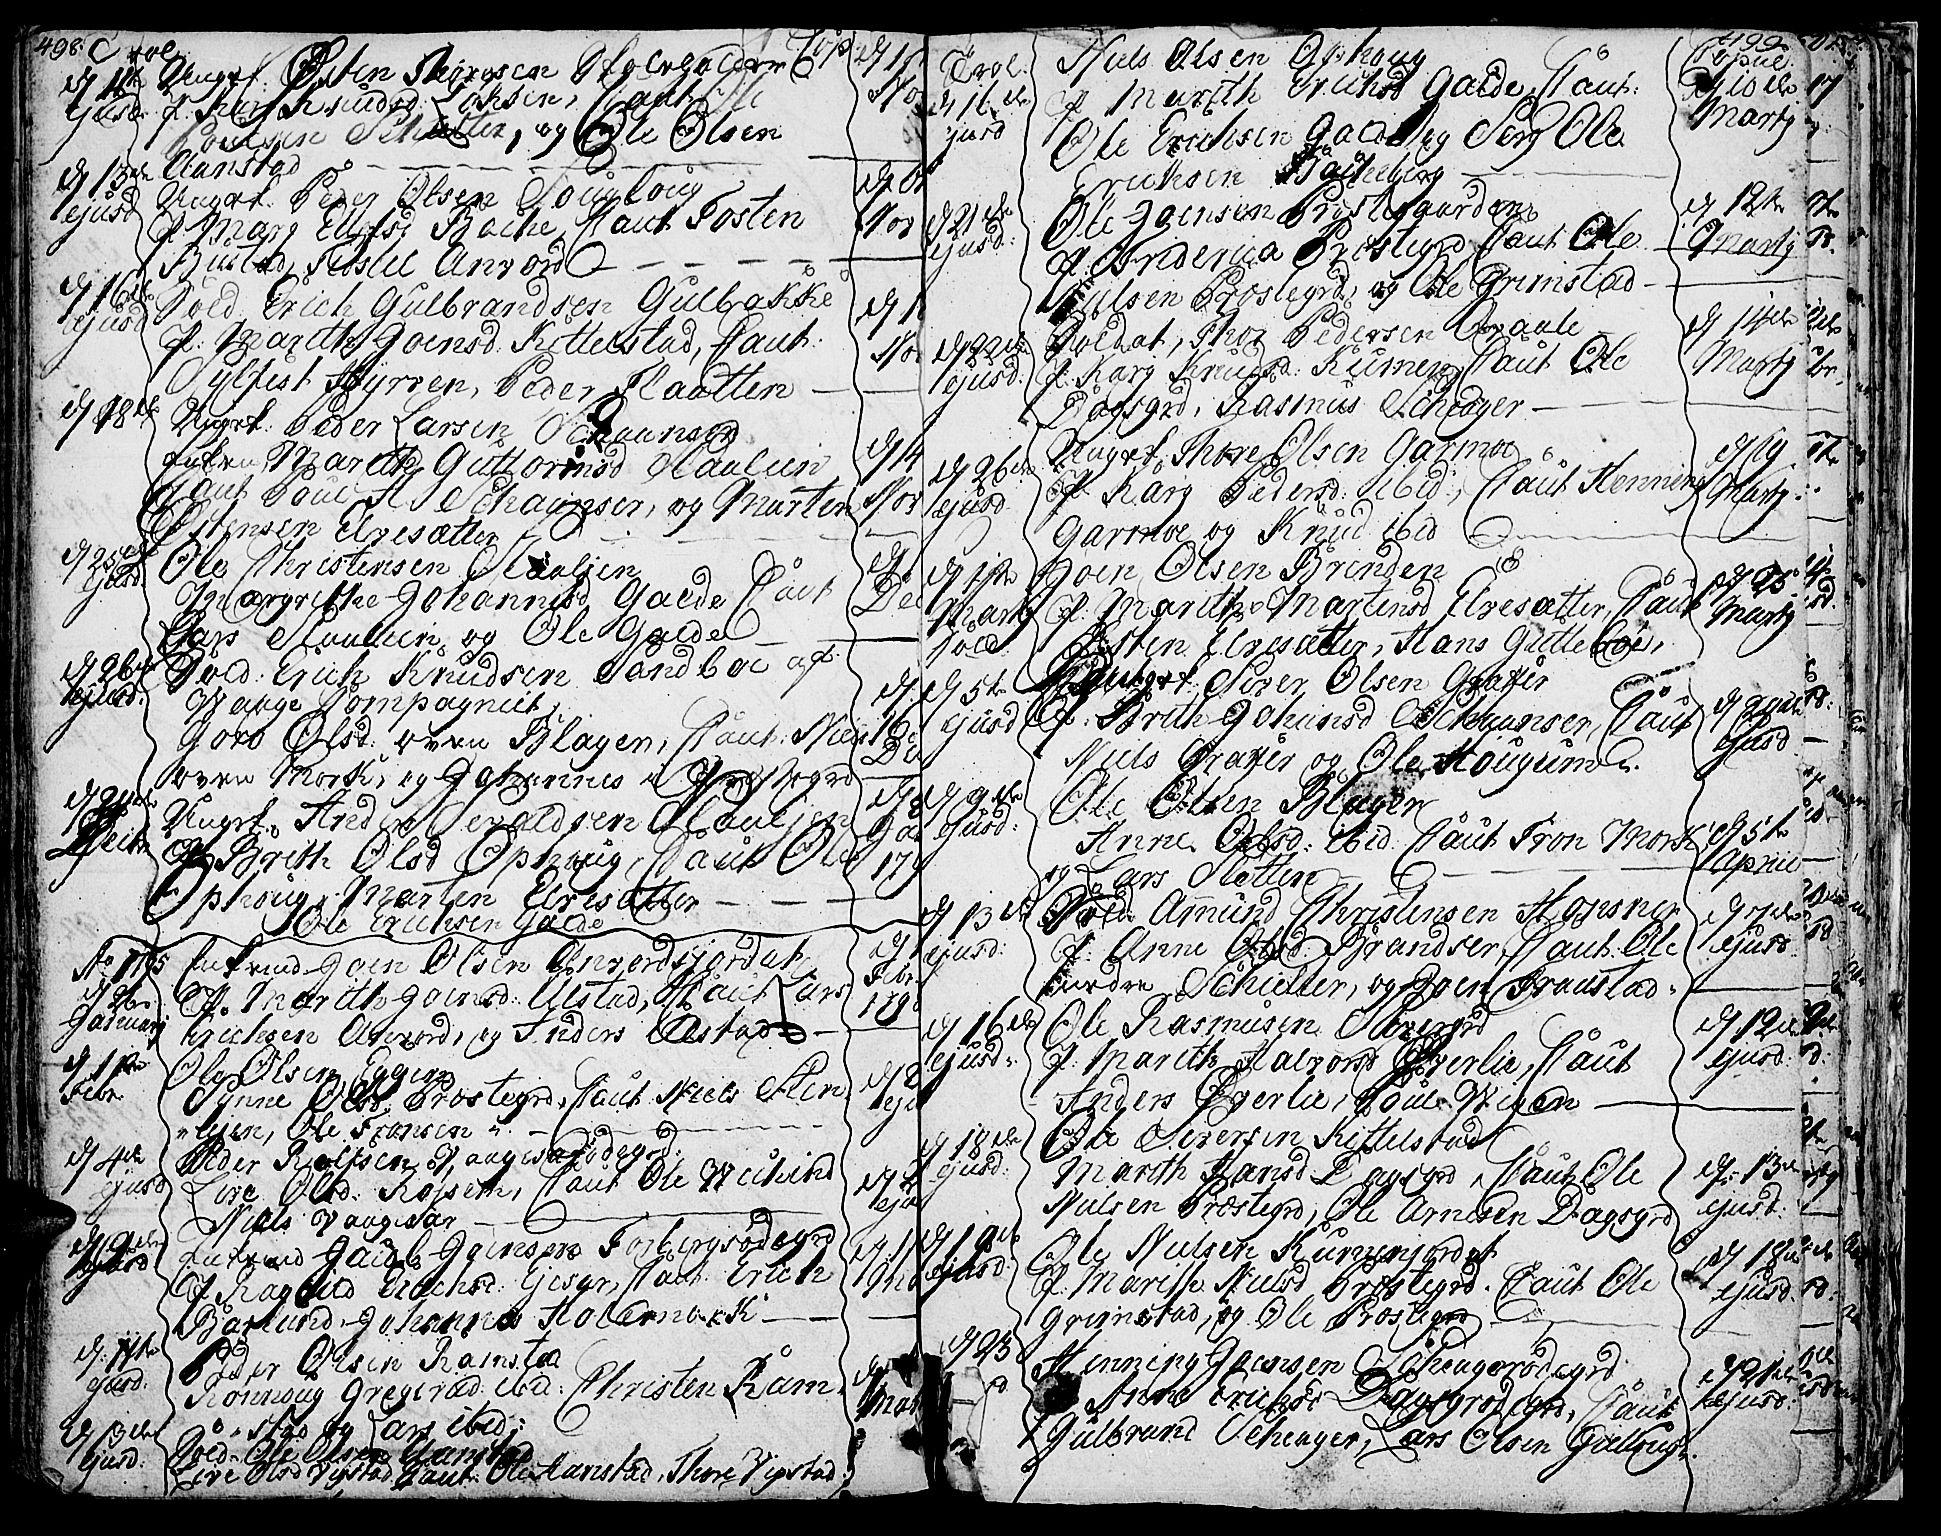 SAH, Lom prestekontor, K/L0002: Ministerialbok nr. 2, 1749-1801, s. 498-499